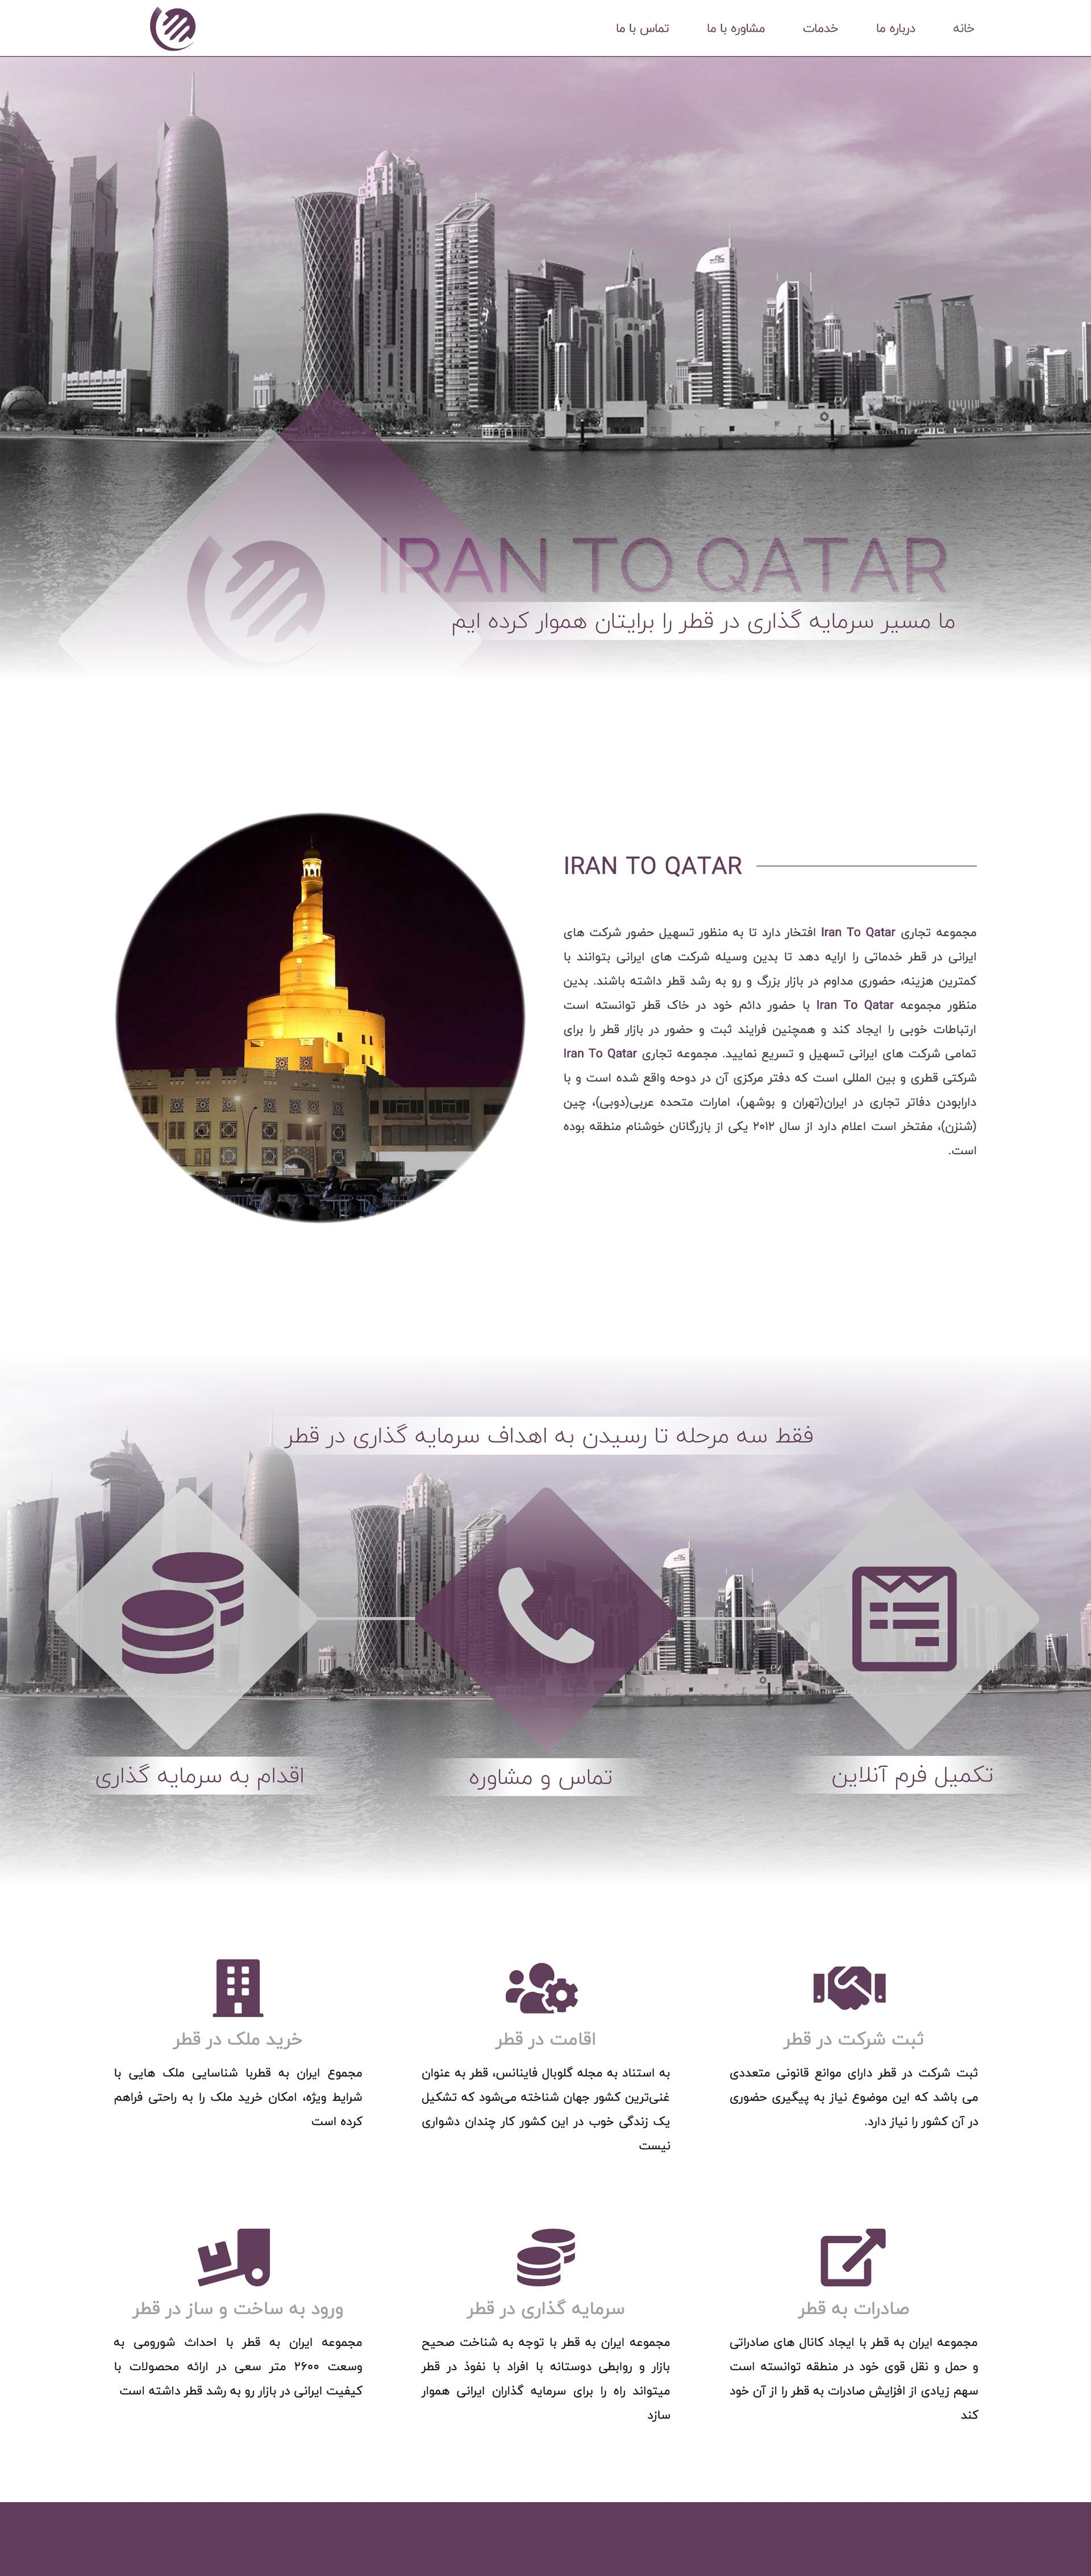 نمونه کار طراحی وب سایت ایران به قطر